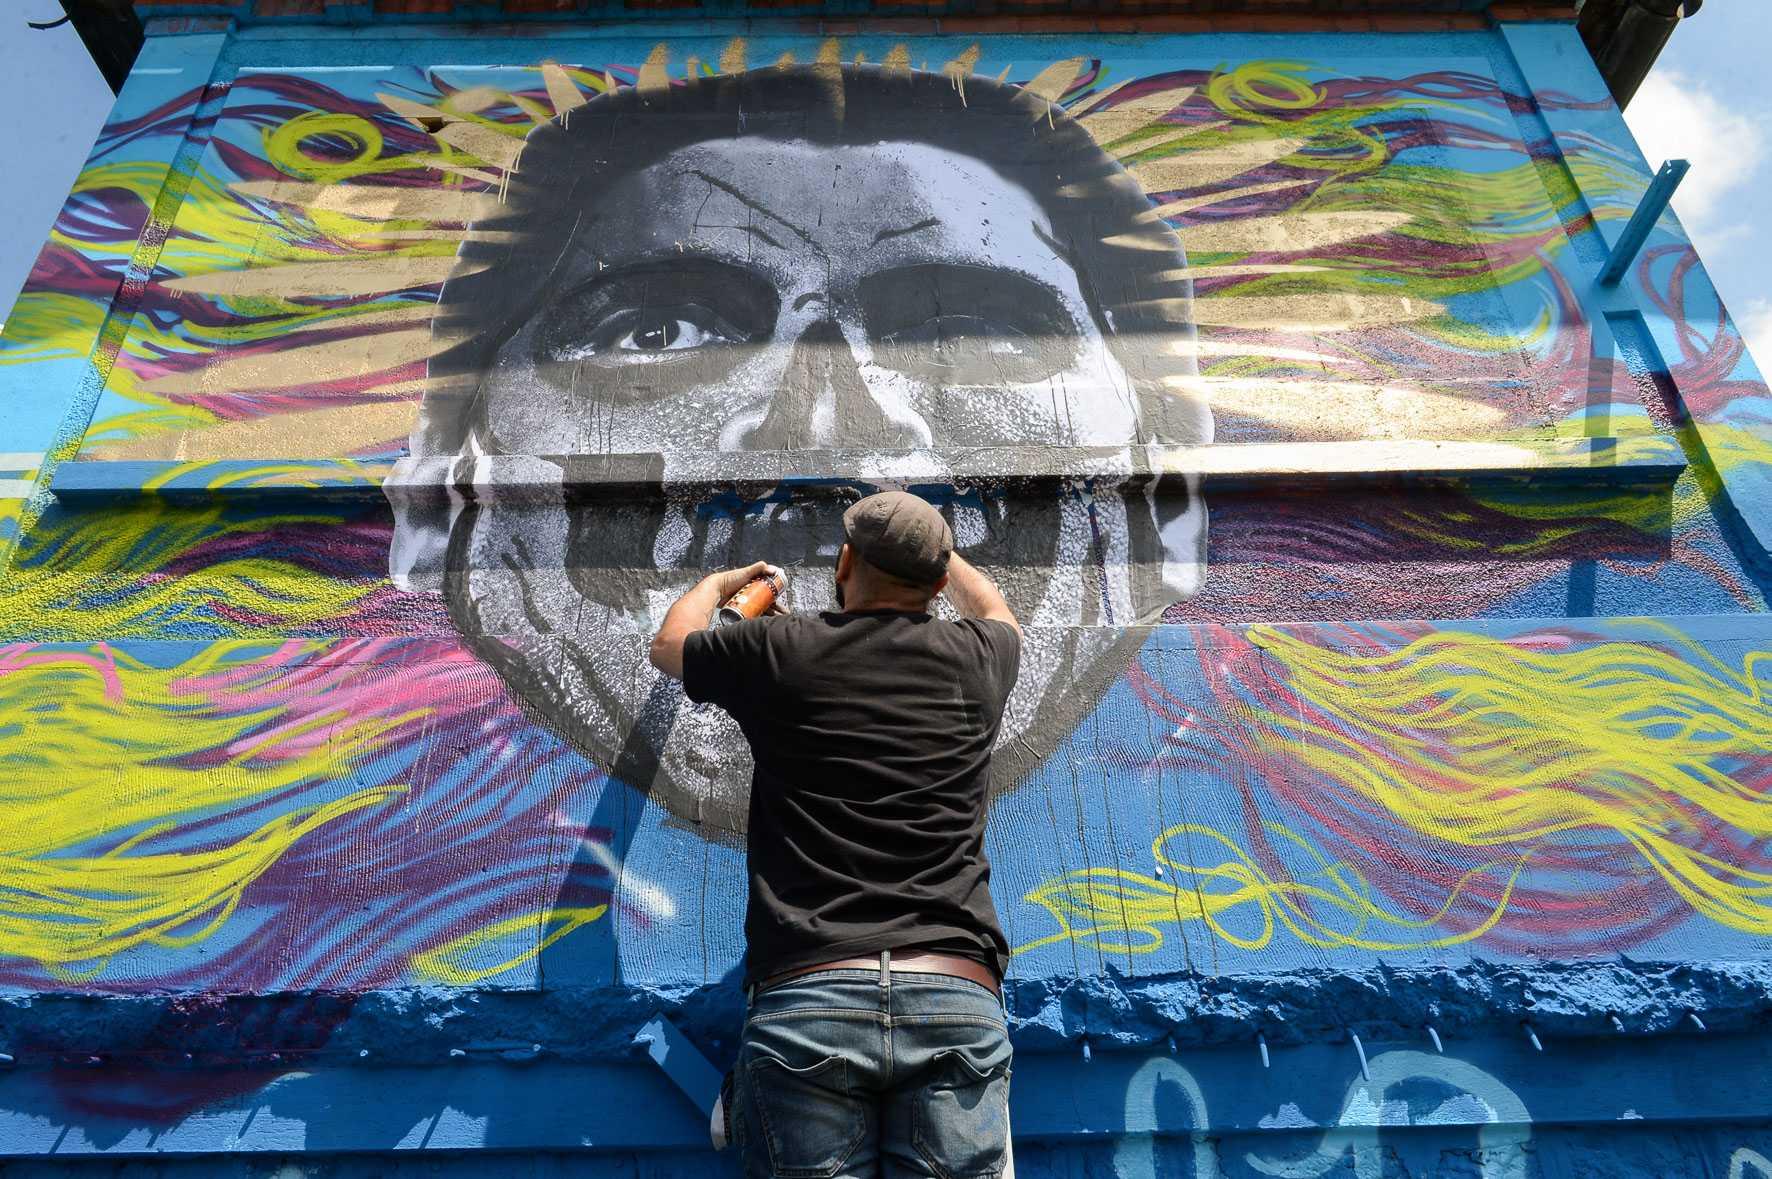 Street Art Avenue - Blue Aucwin